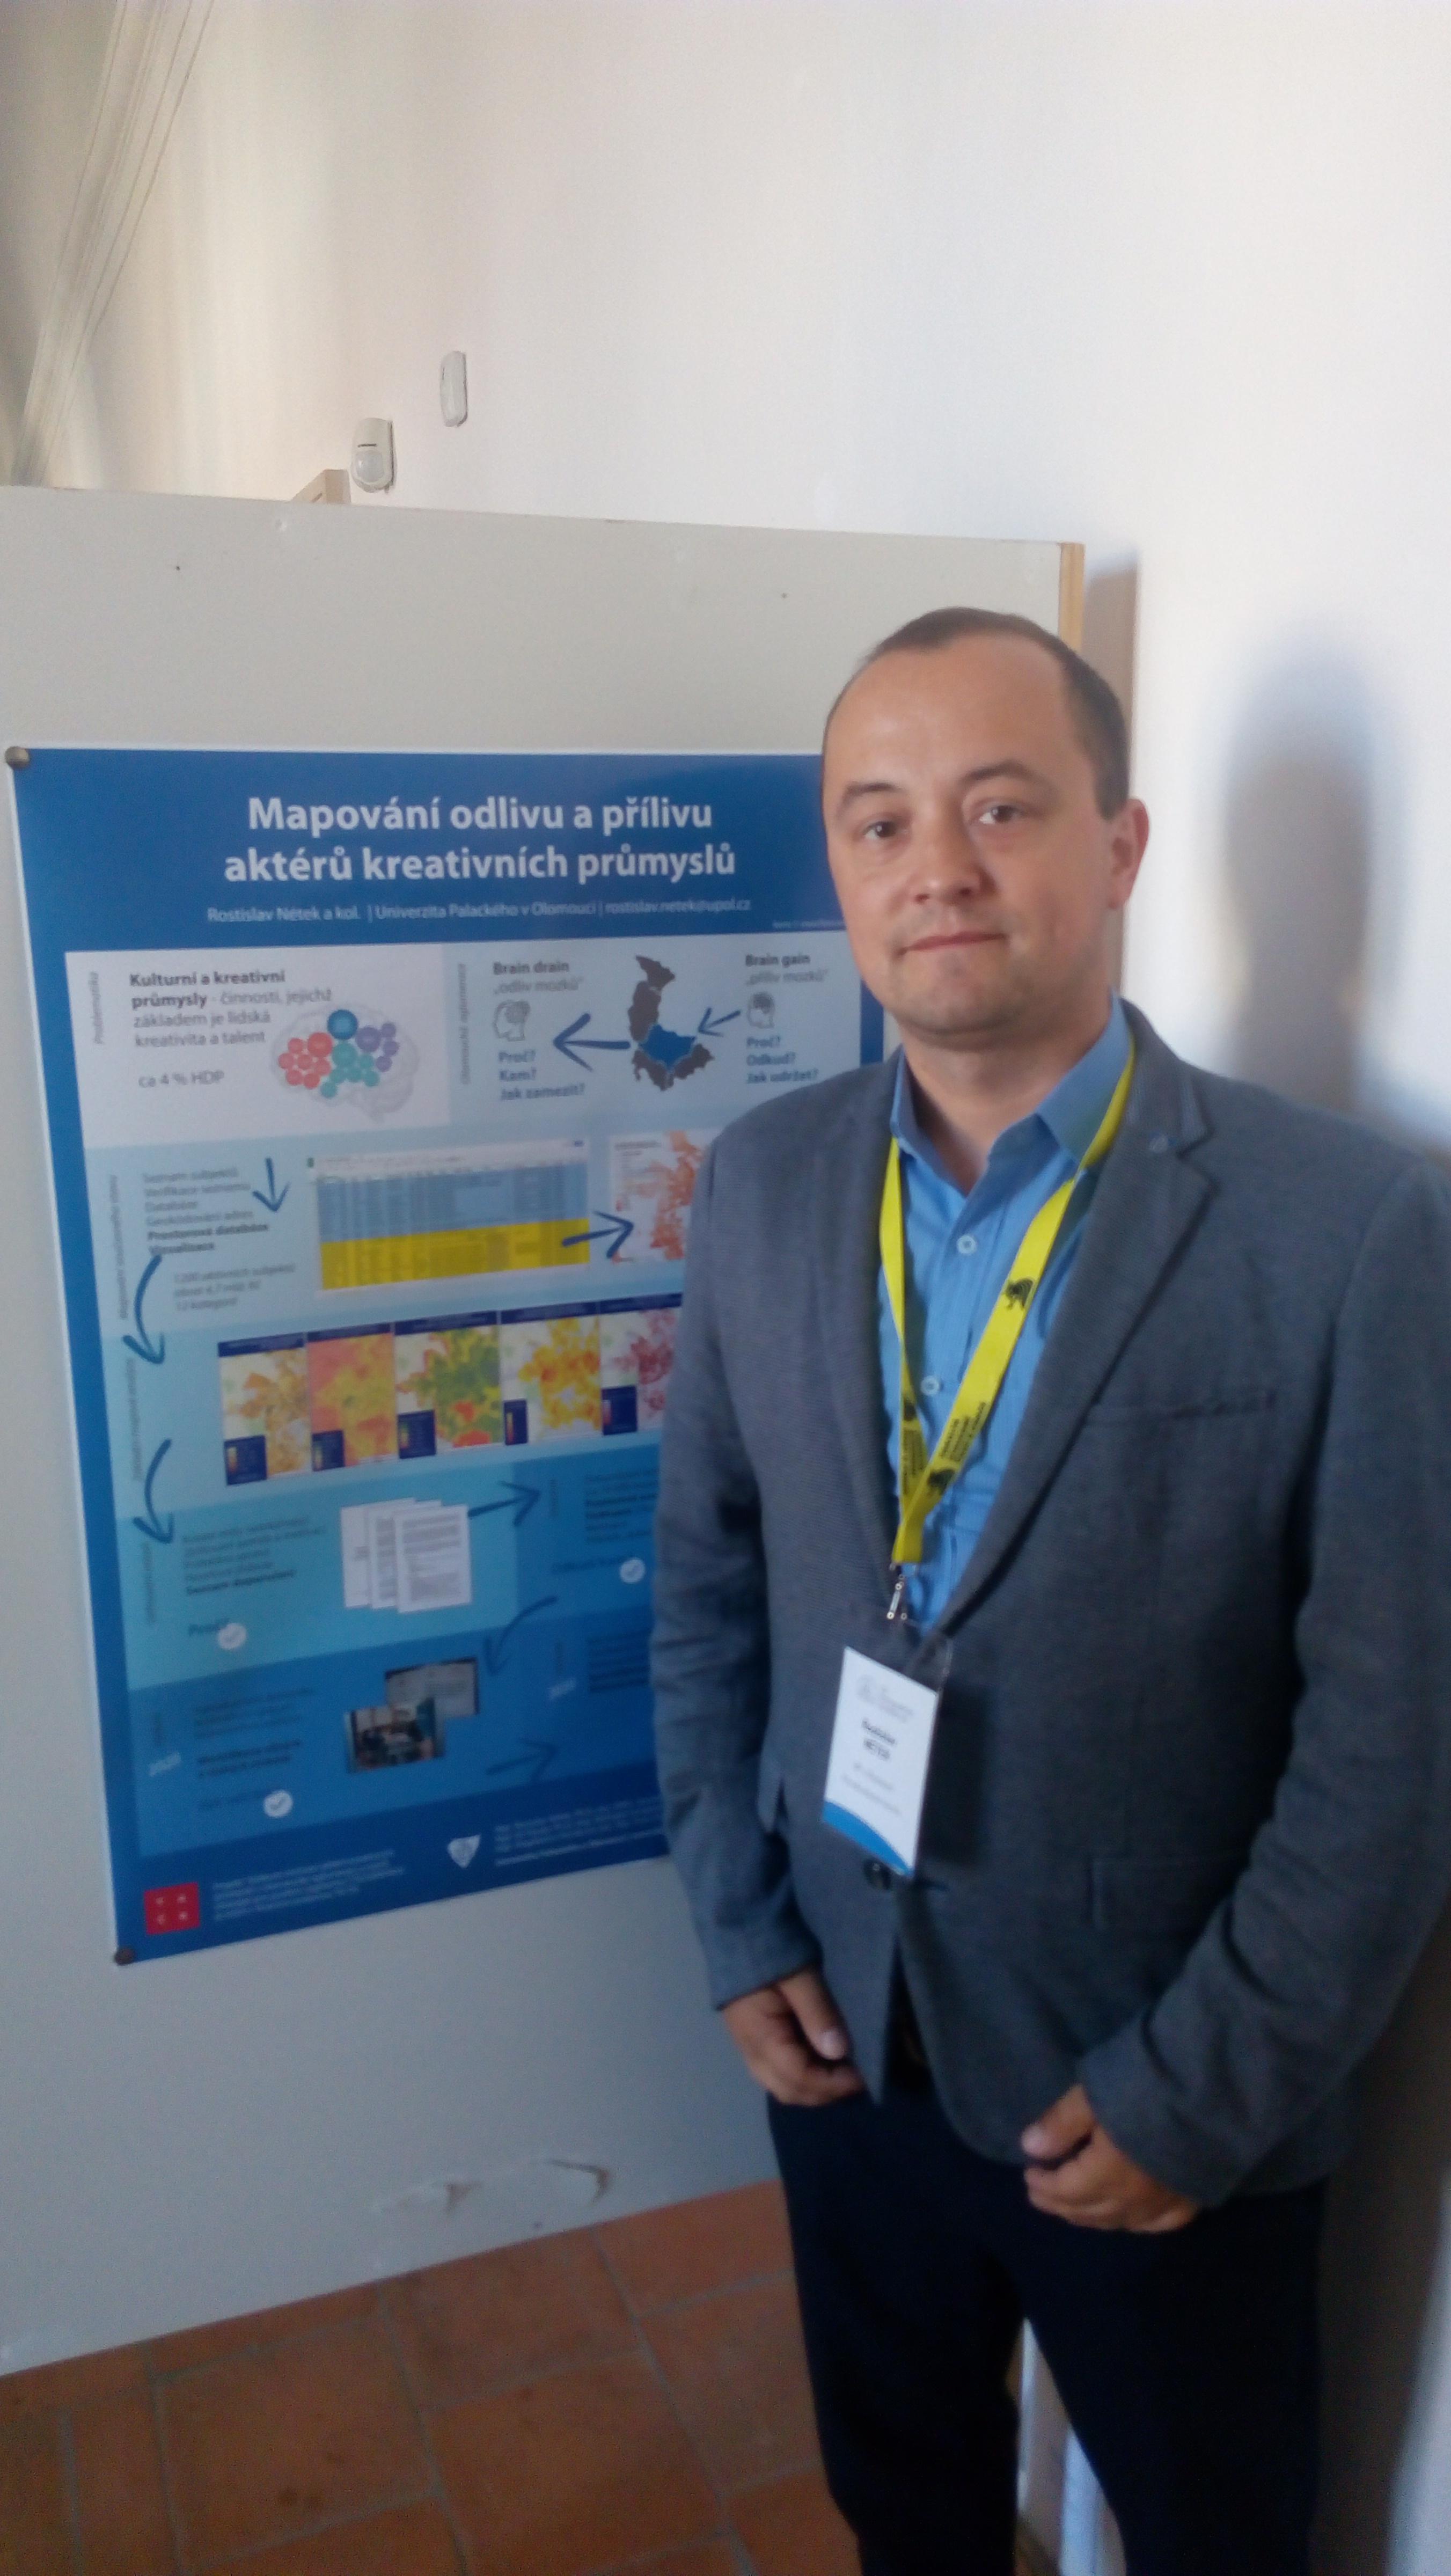 Mapování Olomouckých kreativních průmyslů na 23. kartografické konferenci